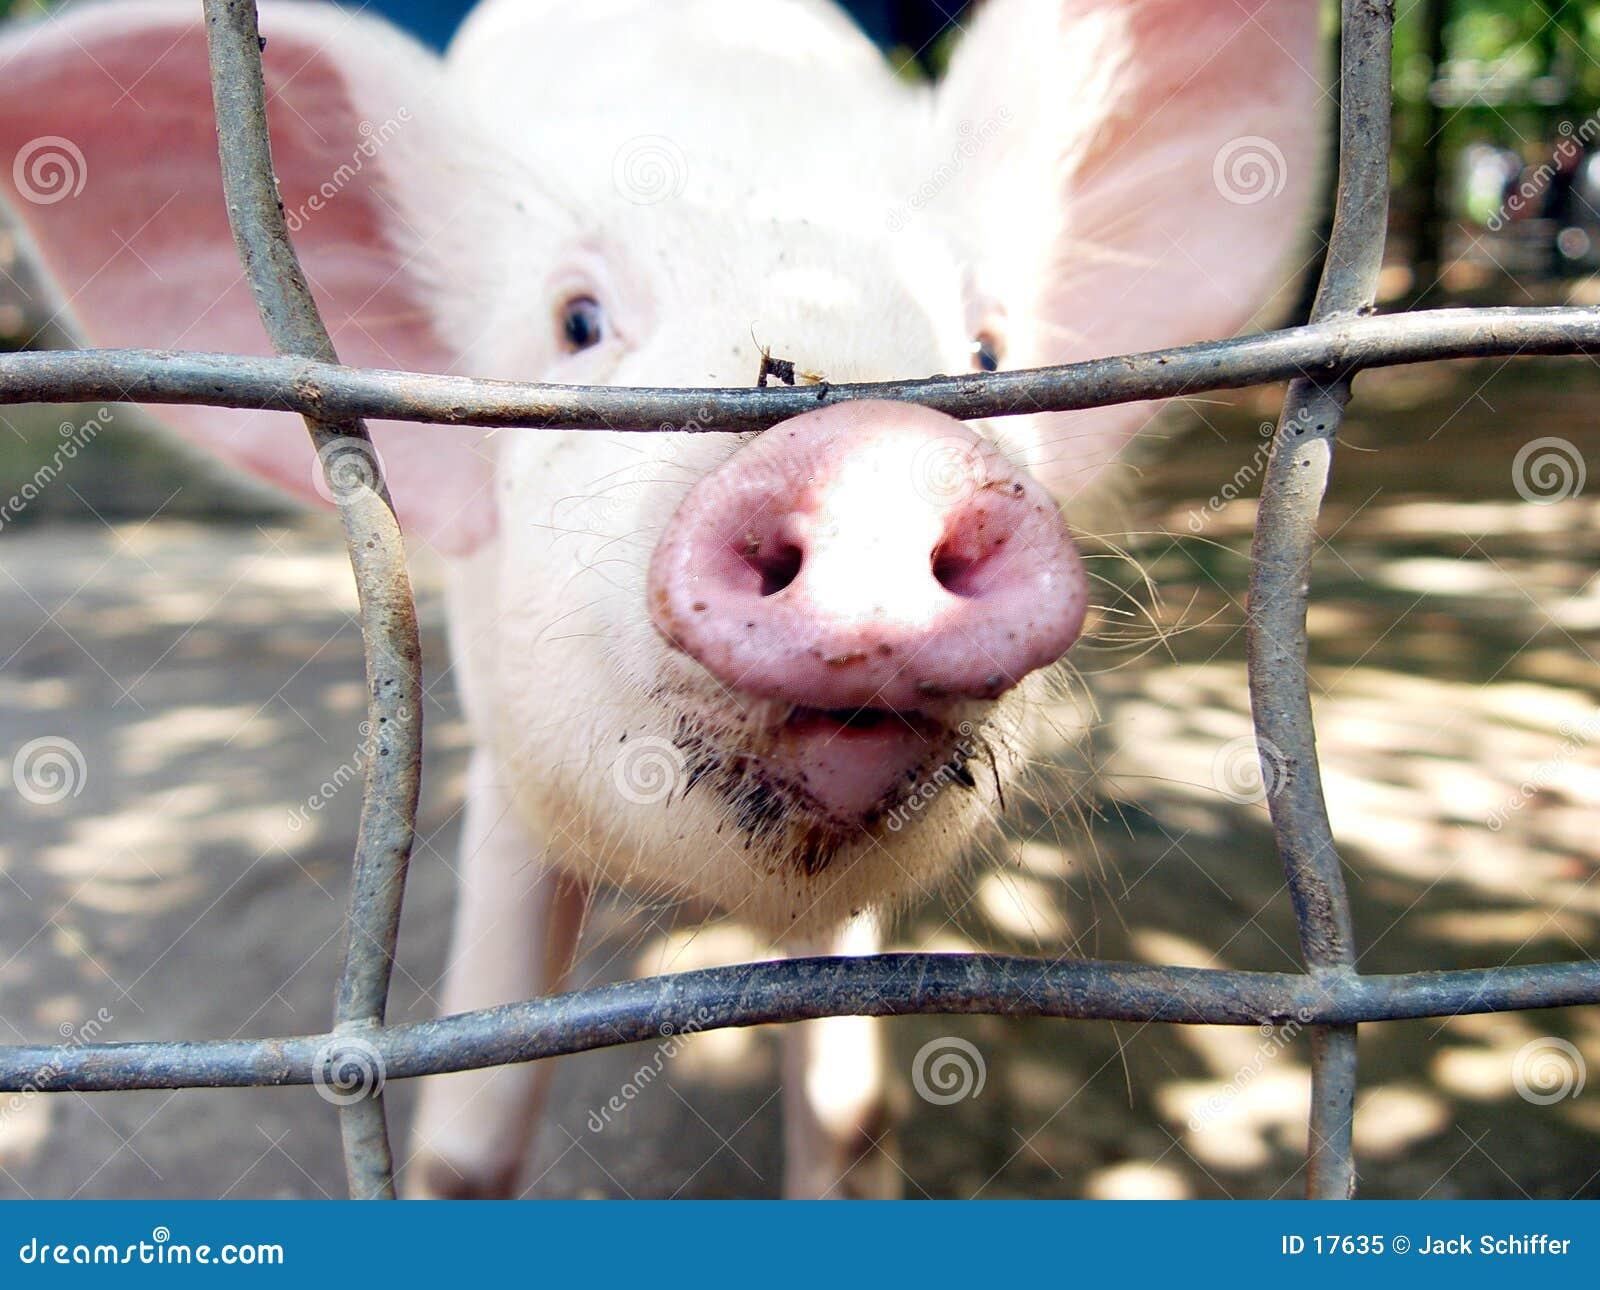 Nyfiken pig